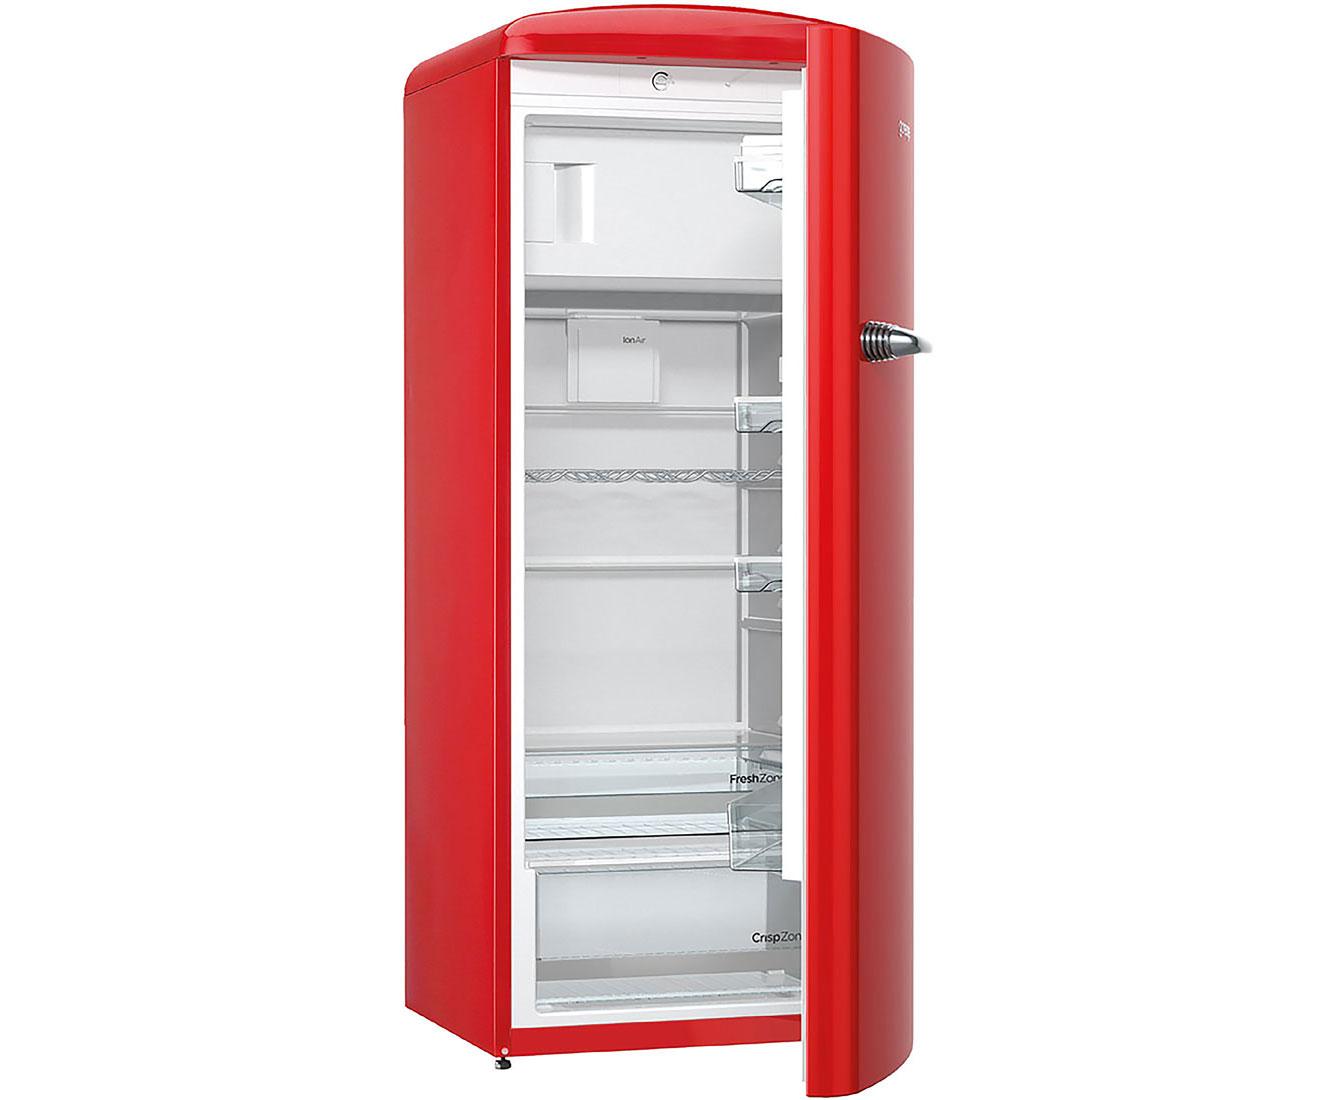 Gorenje Kühlschrank Kaufen : Gorenje retro collection orb bk kühlschrank mit gefrierfach